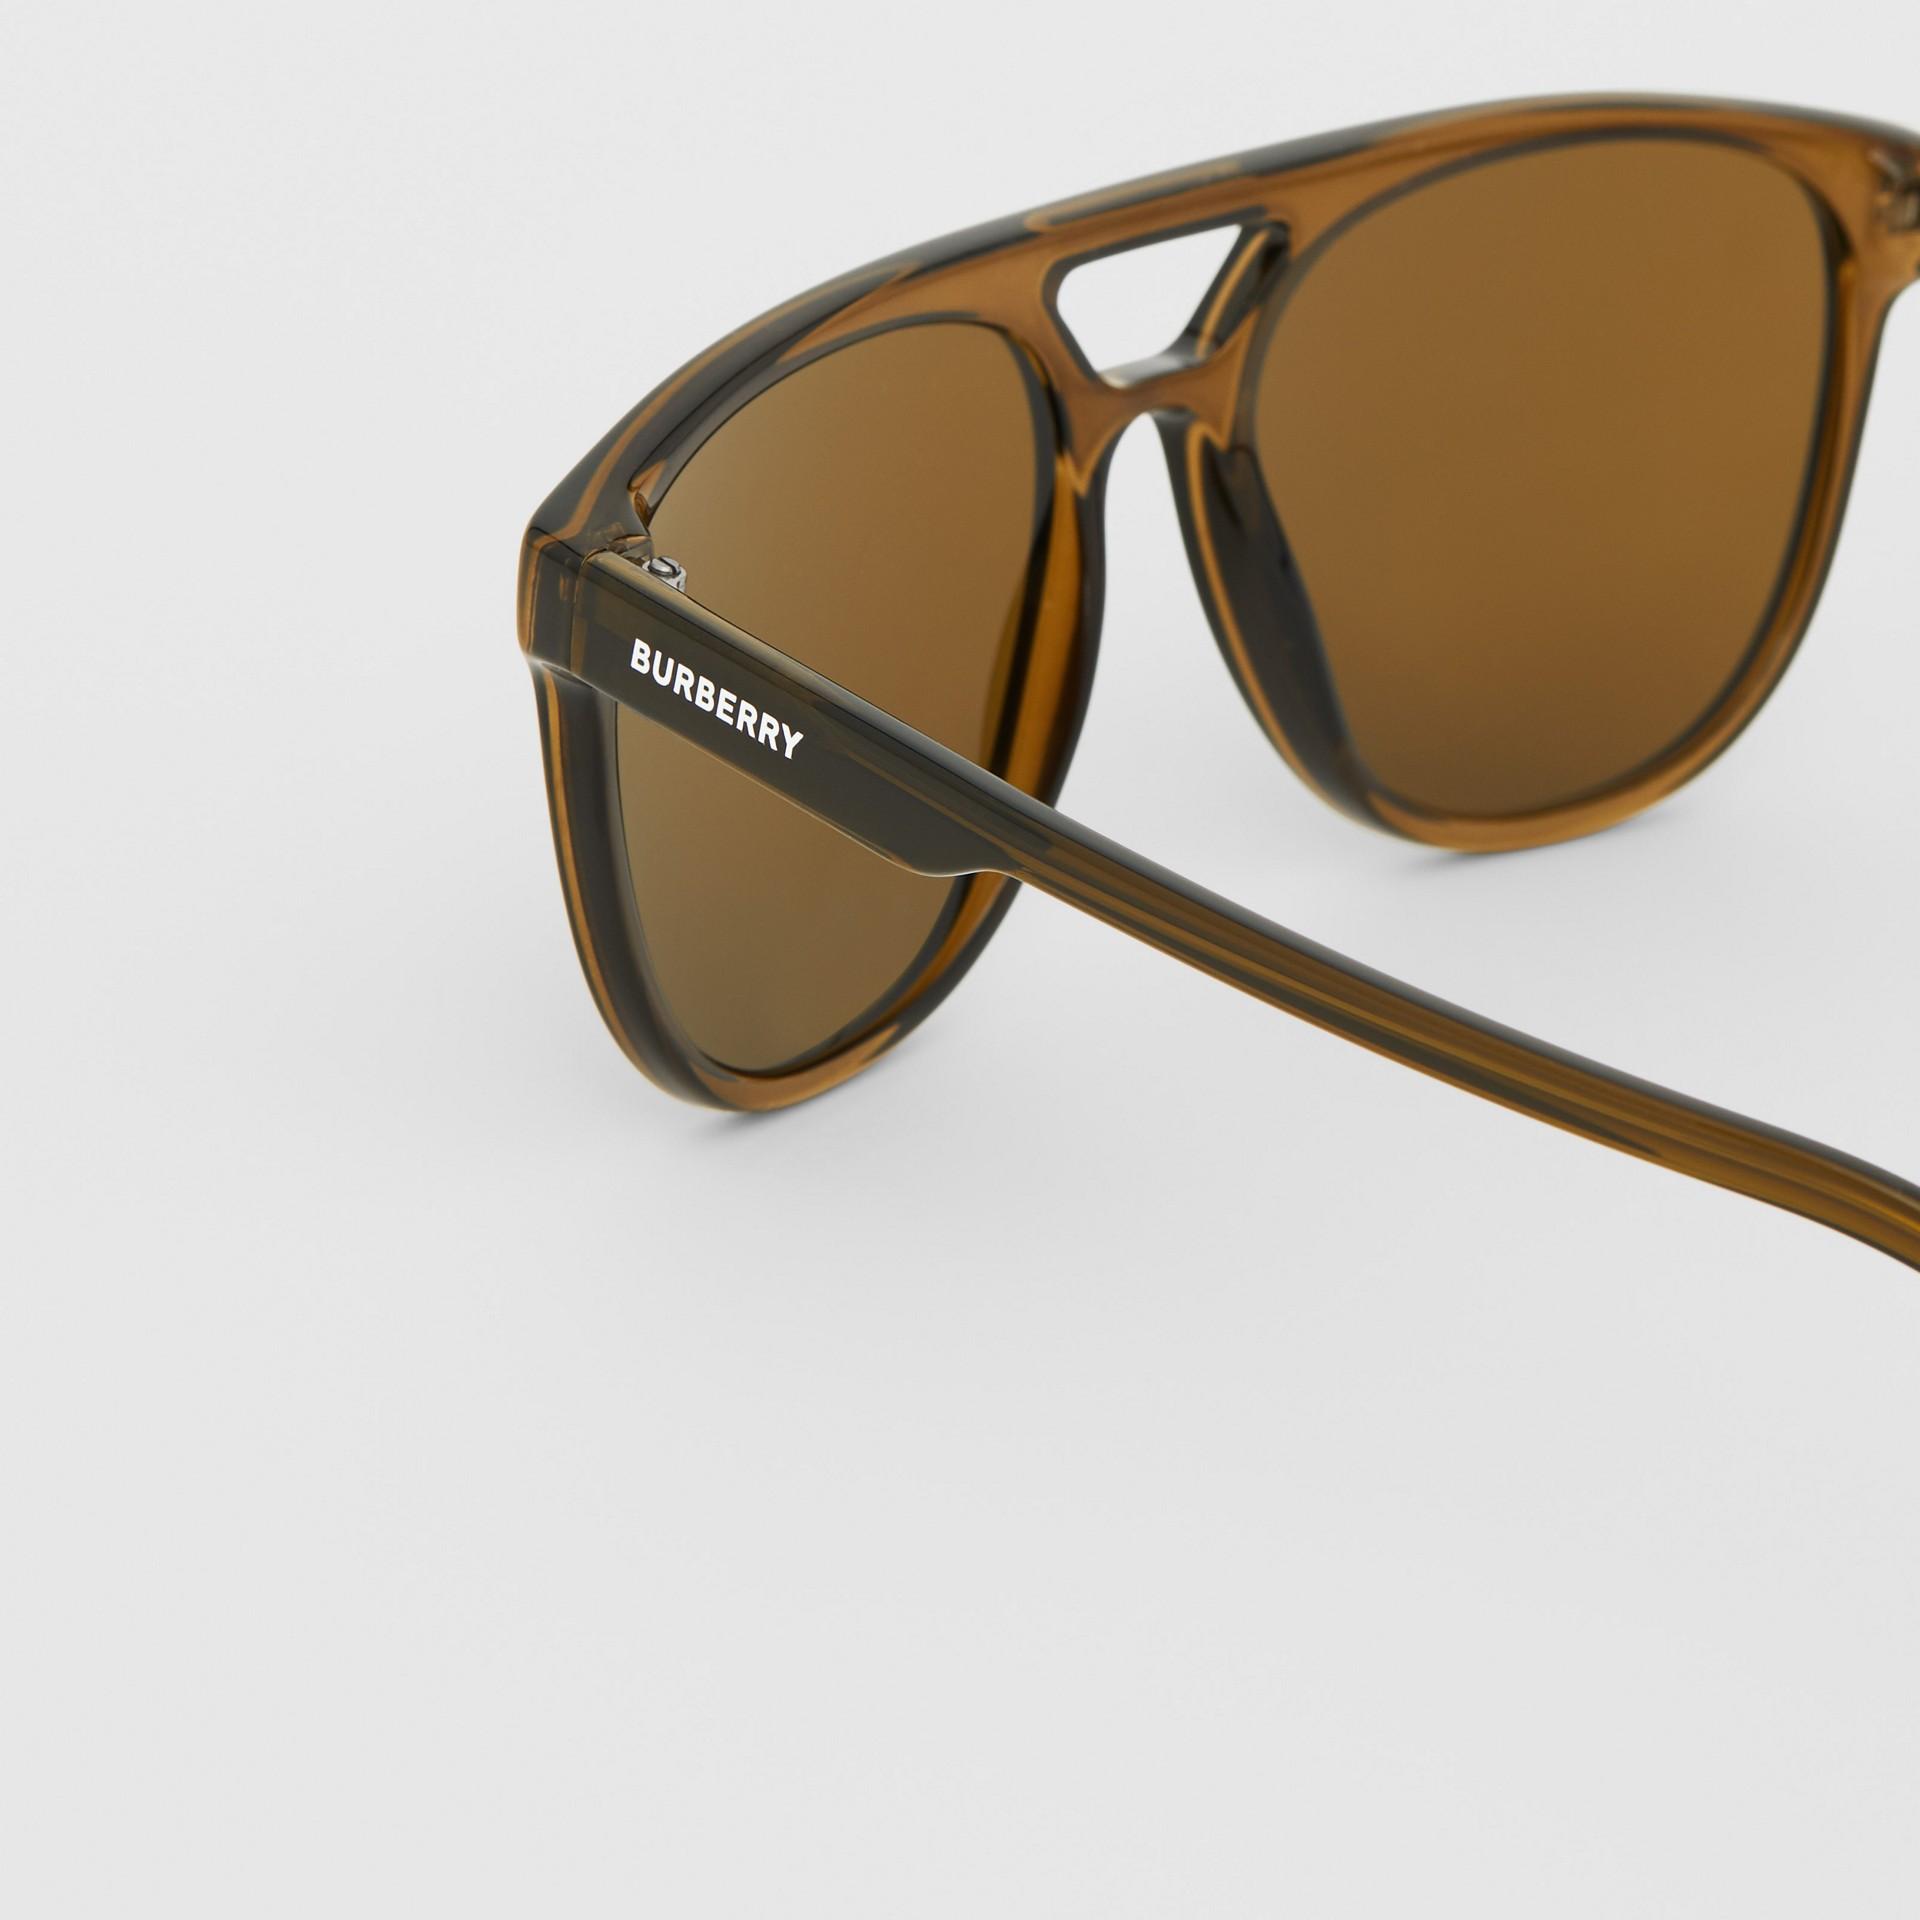 領航員太陽眼鏡 (橄欖綠) - 男款 | Burberry - 圖庫照片 1